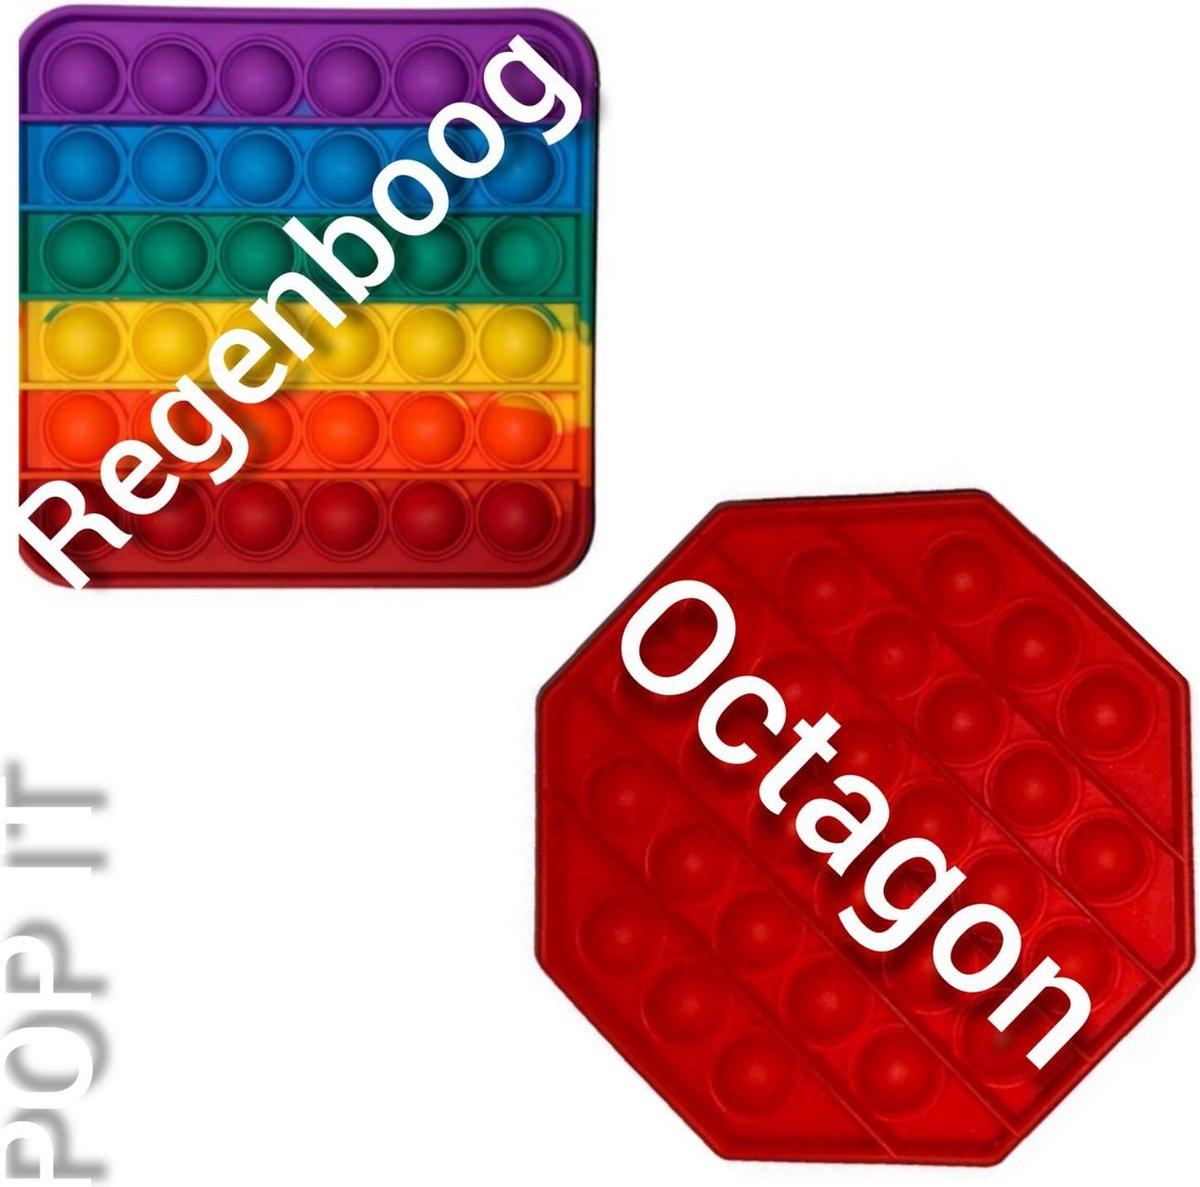 Pop it | Fidget toys pakket | Regenboog vierkant + Achthoek rood | Meisjes jongens volwassenen | Anti stress 2021| Cadeautip _ Leuk voor zwembad